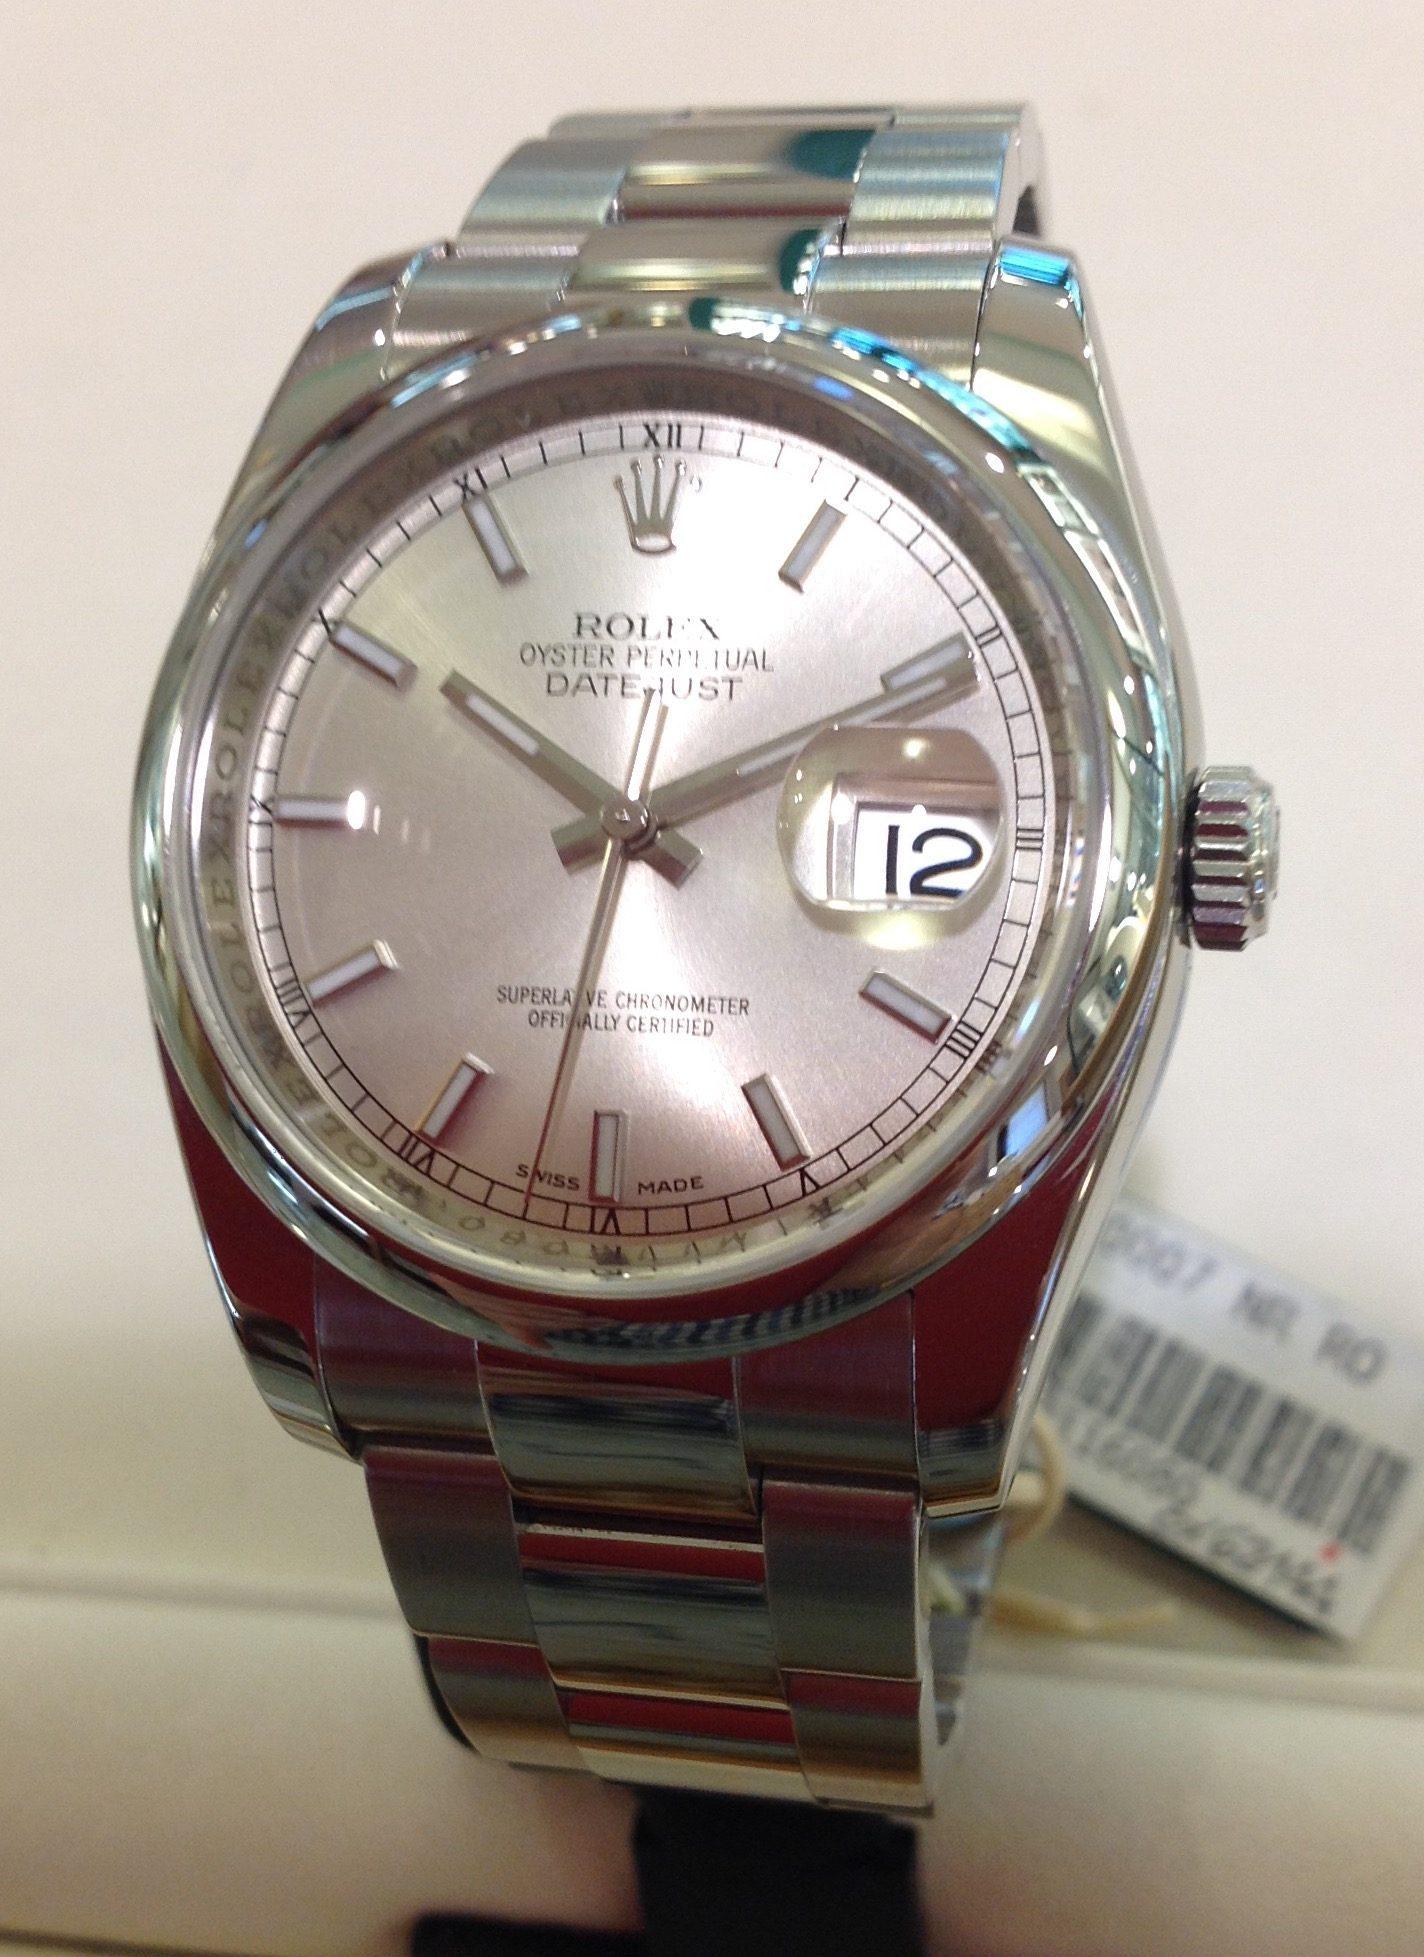 Rolex Datejust 36 mm  ref 116200